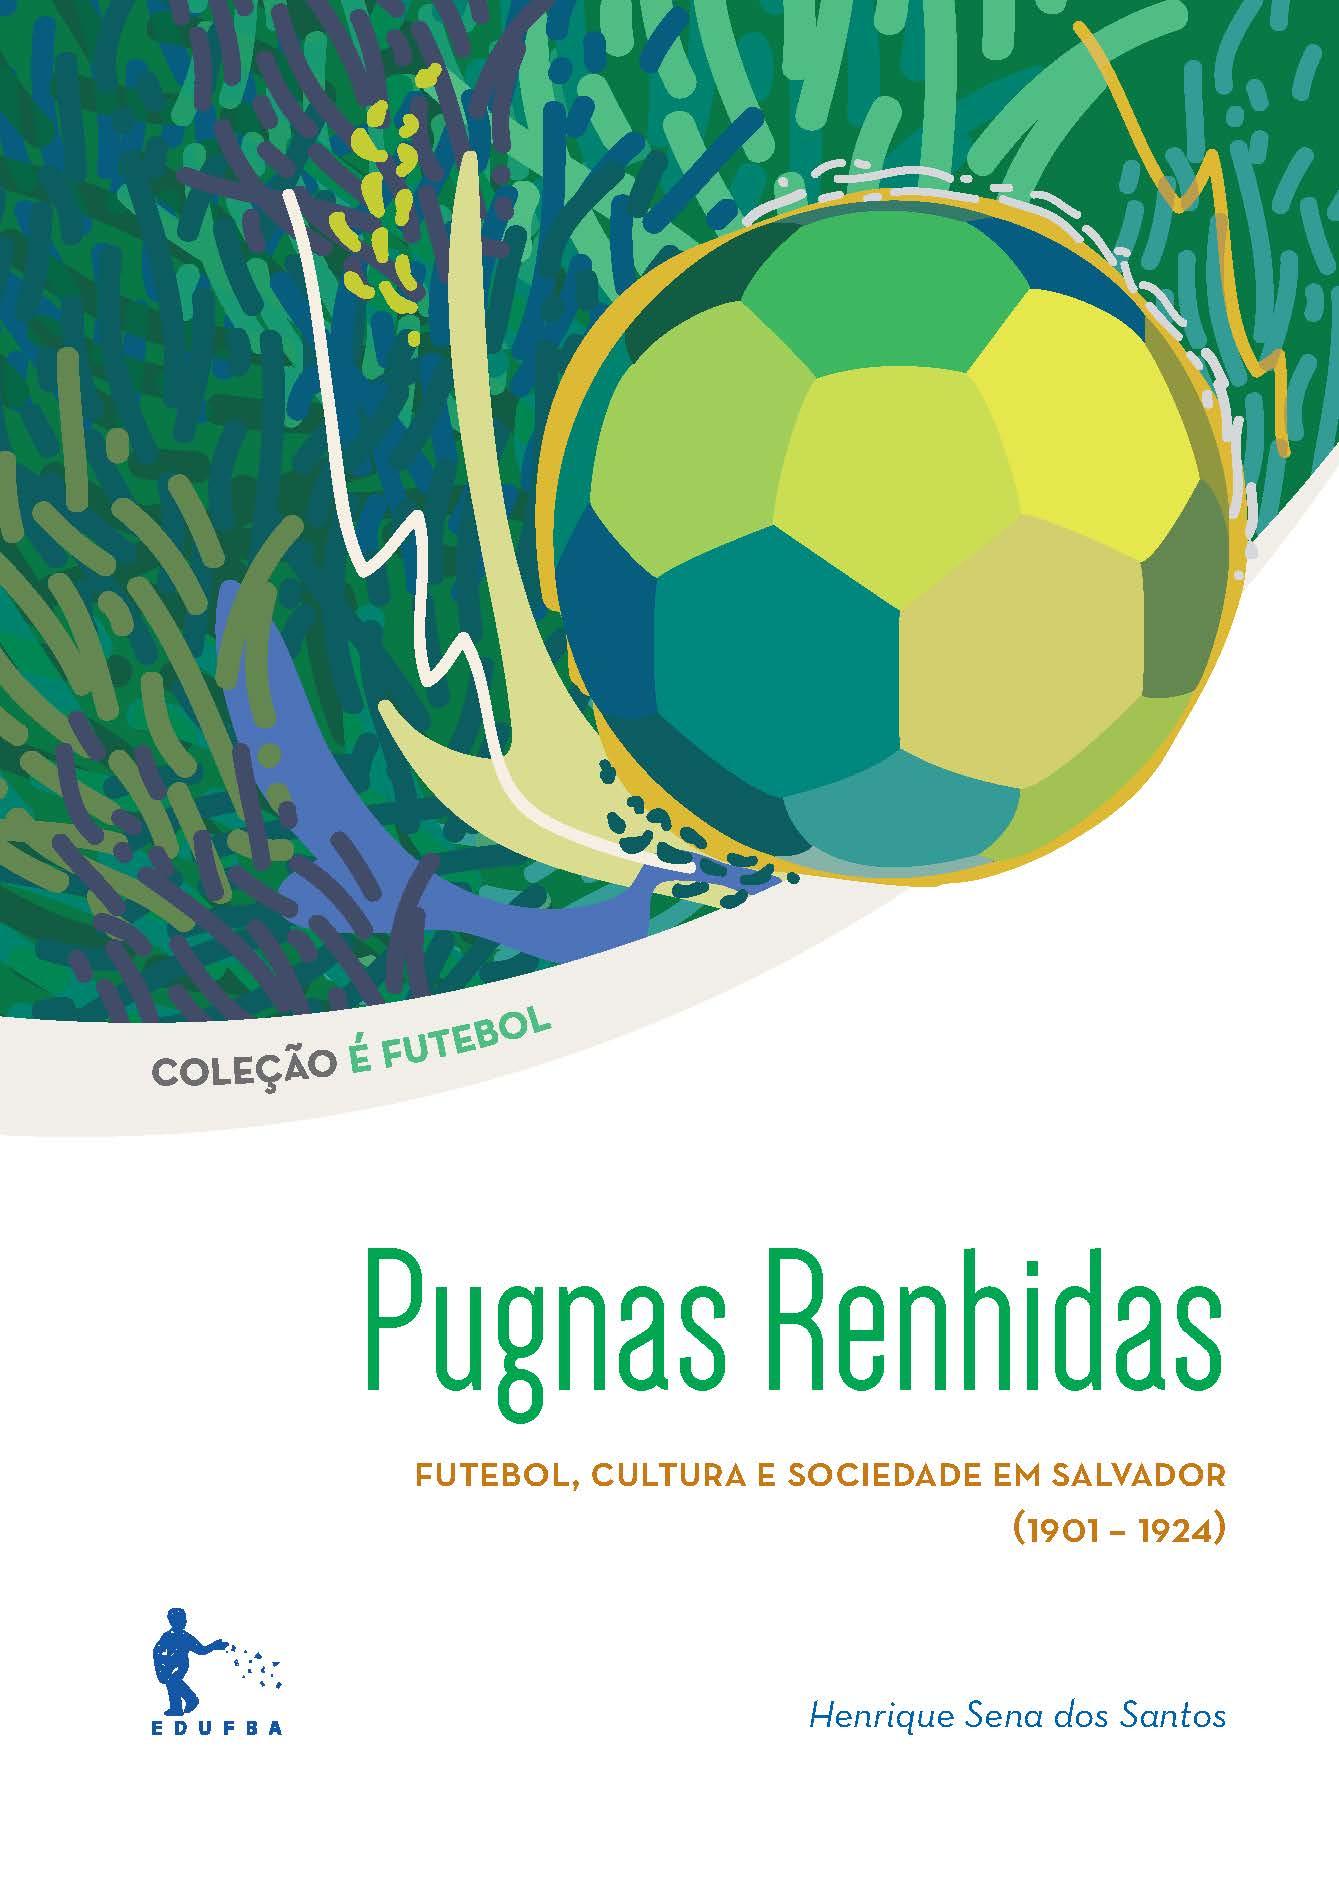 Pugnas Renhidas - Futebol, cultura e sociedade em Salvador (1901-1924), livro de Henrique Sena dos Santos